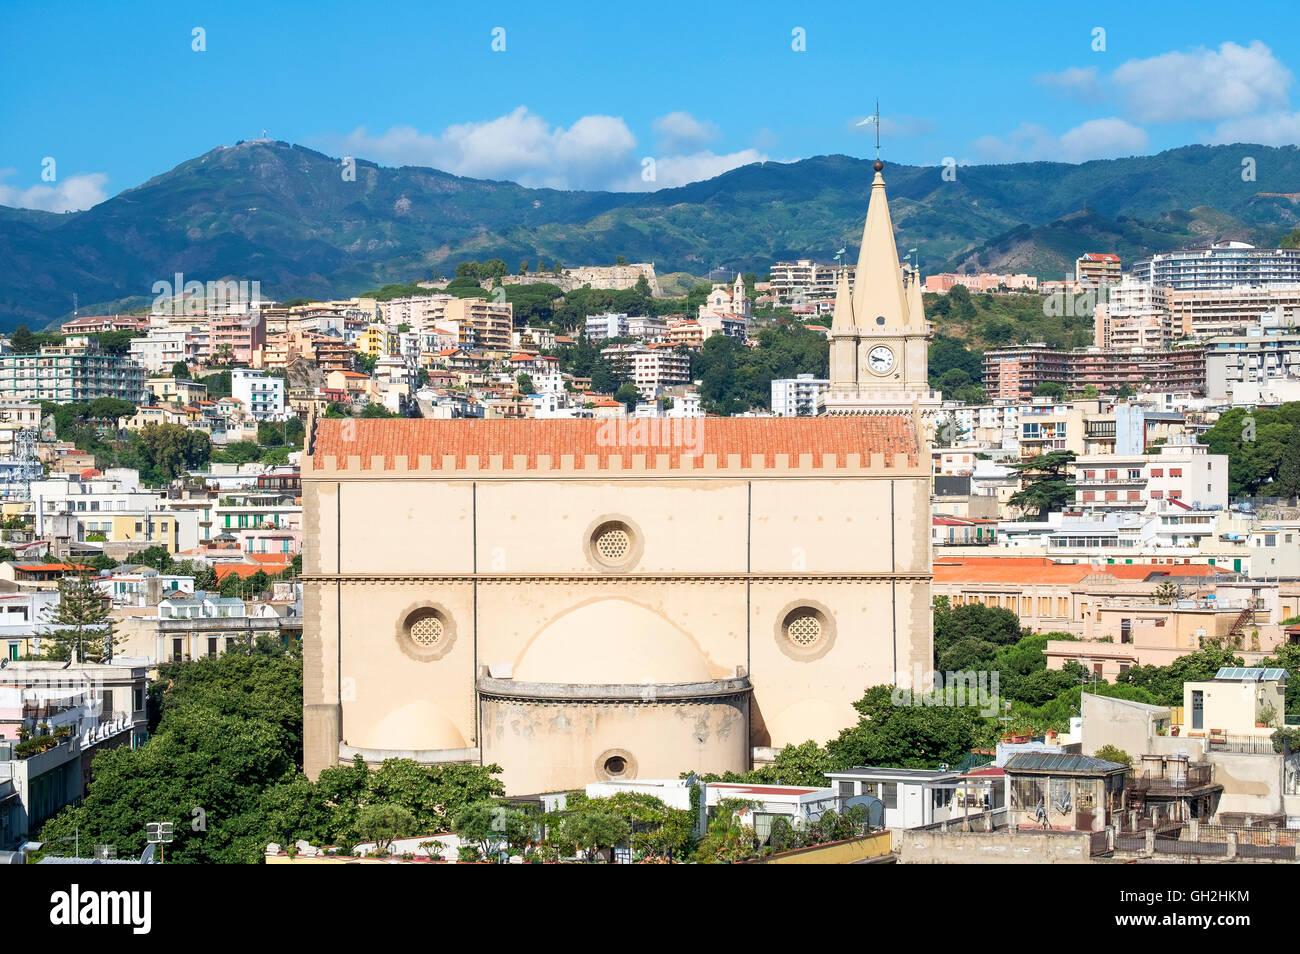 Die Kathedrale in der Stadt Messina auf Sizilien, Italien Stockbild